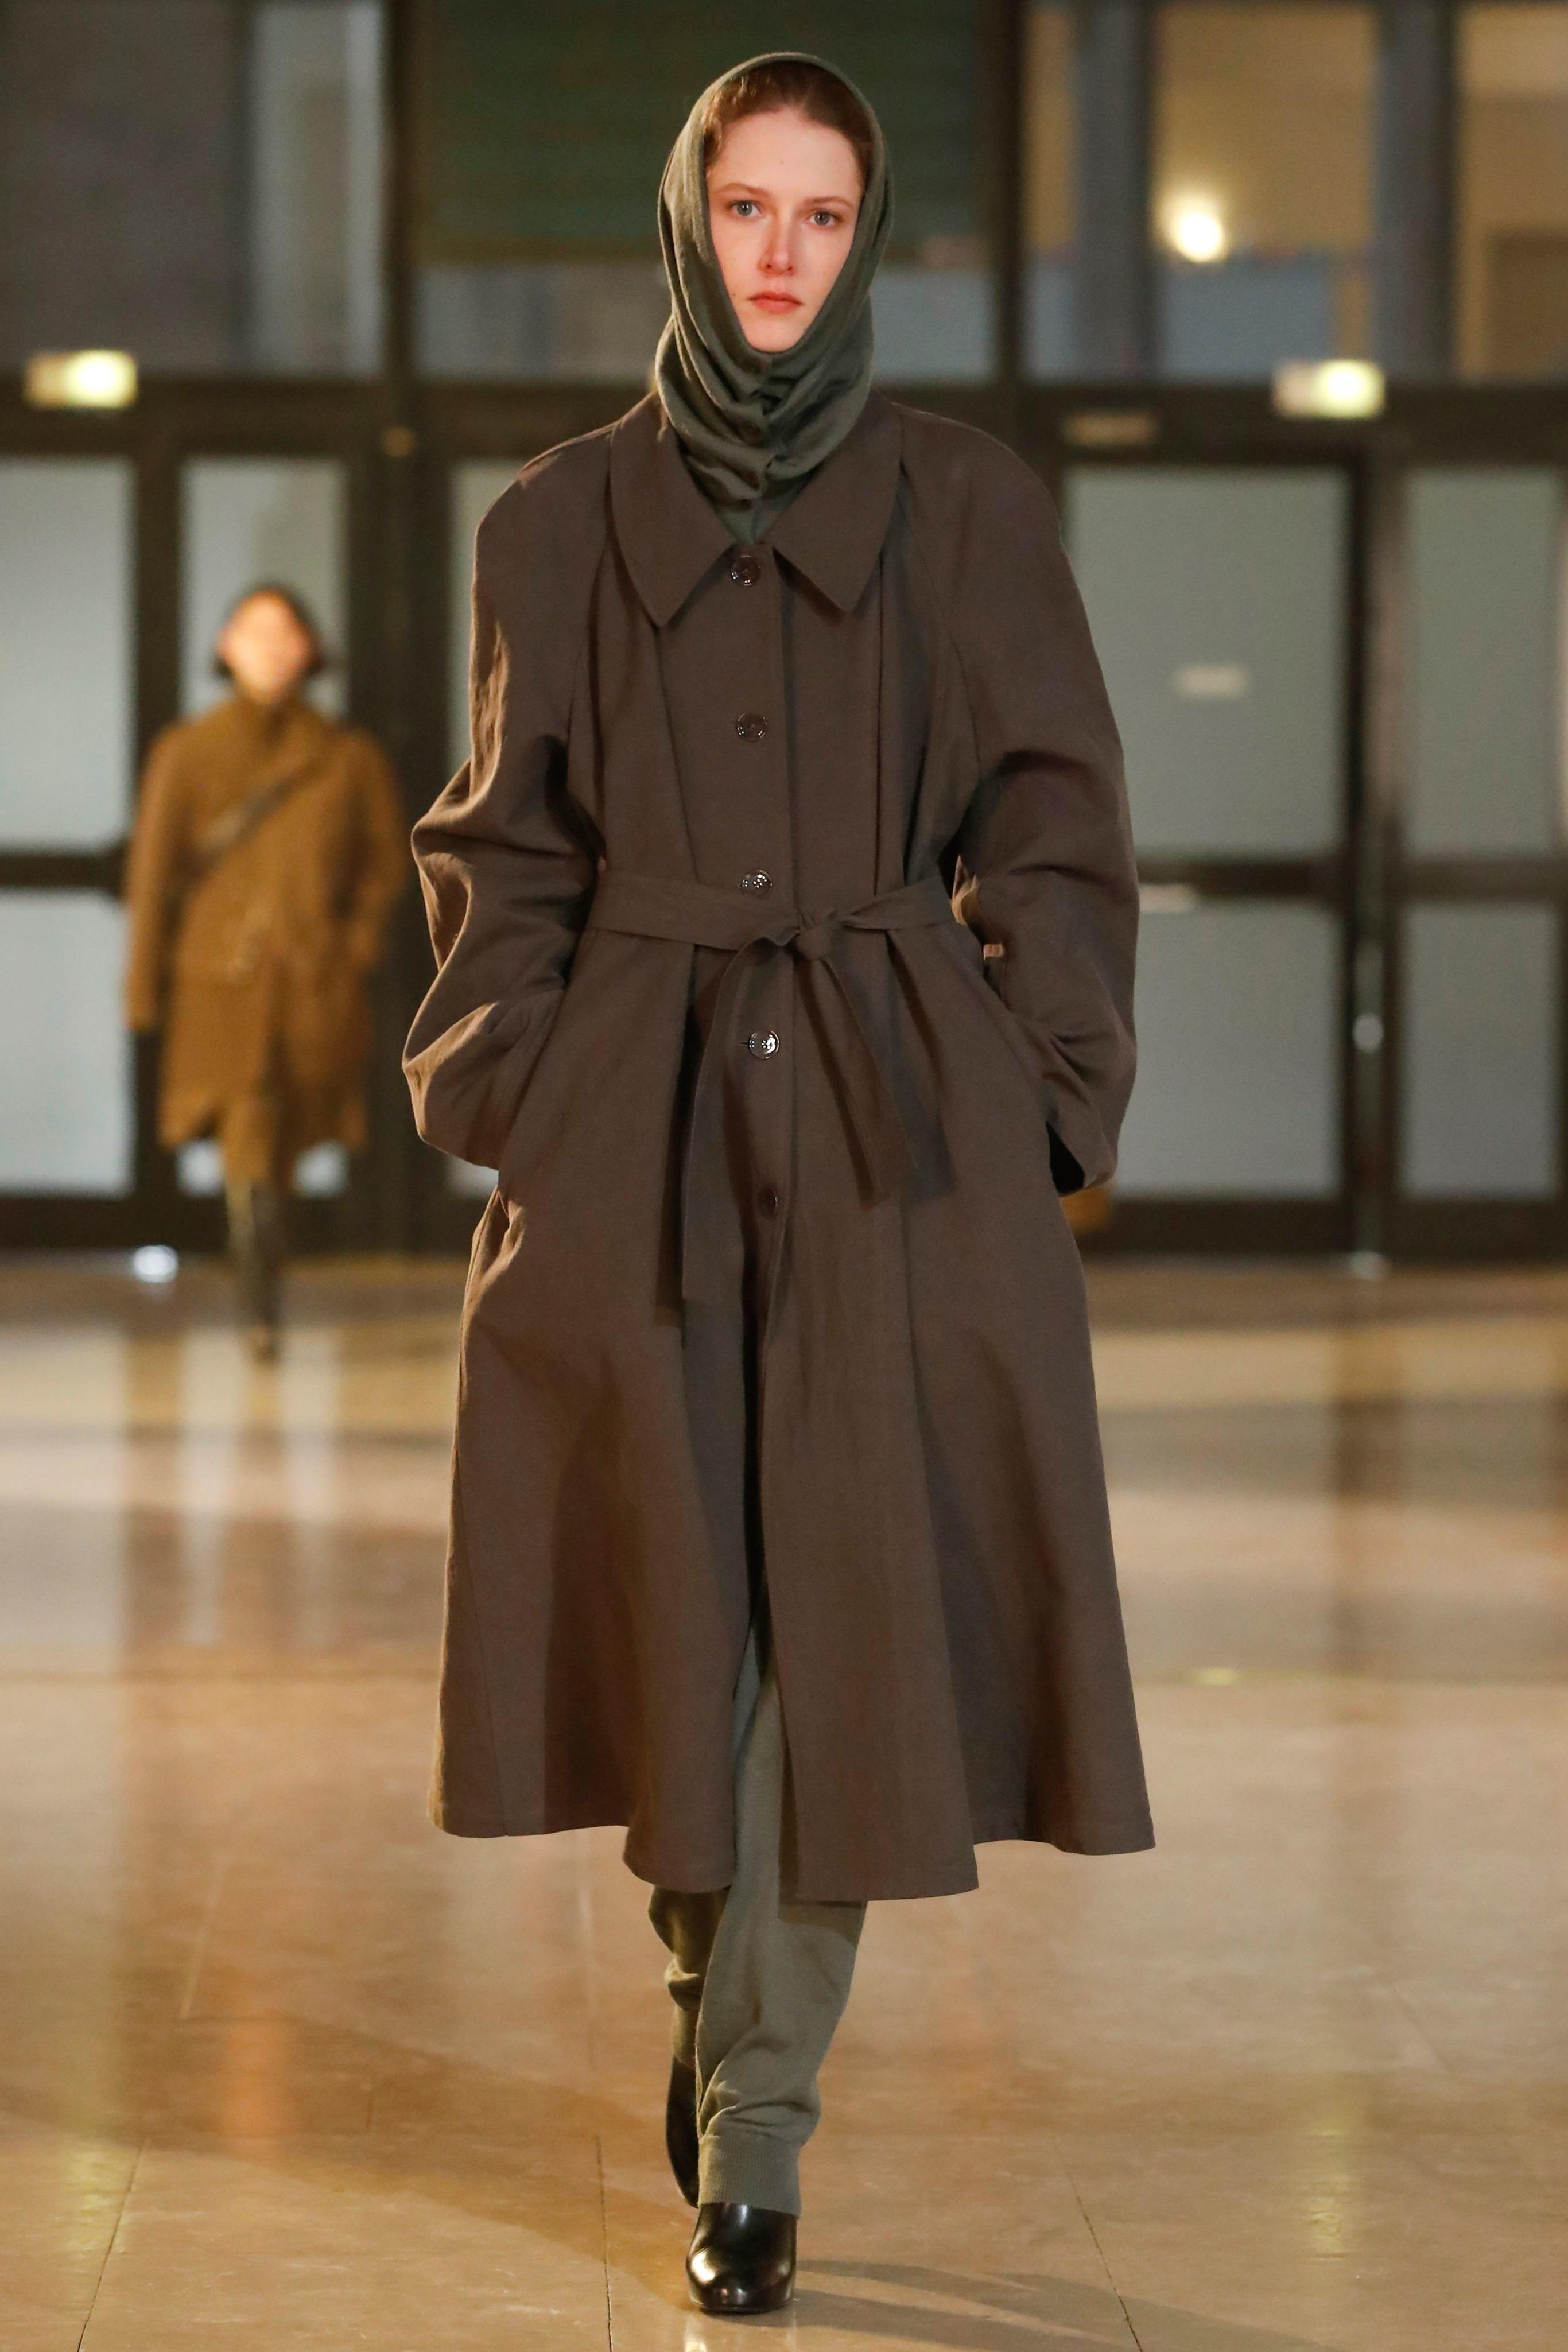 Thời trang nữ quyền của Dior tại Paris Fashion Week - 19